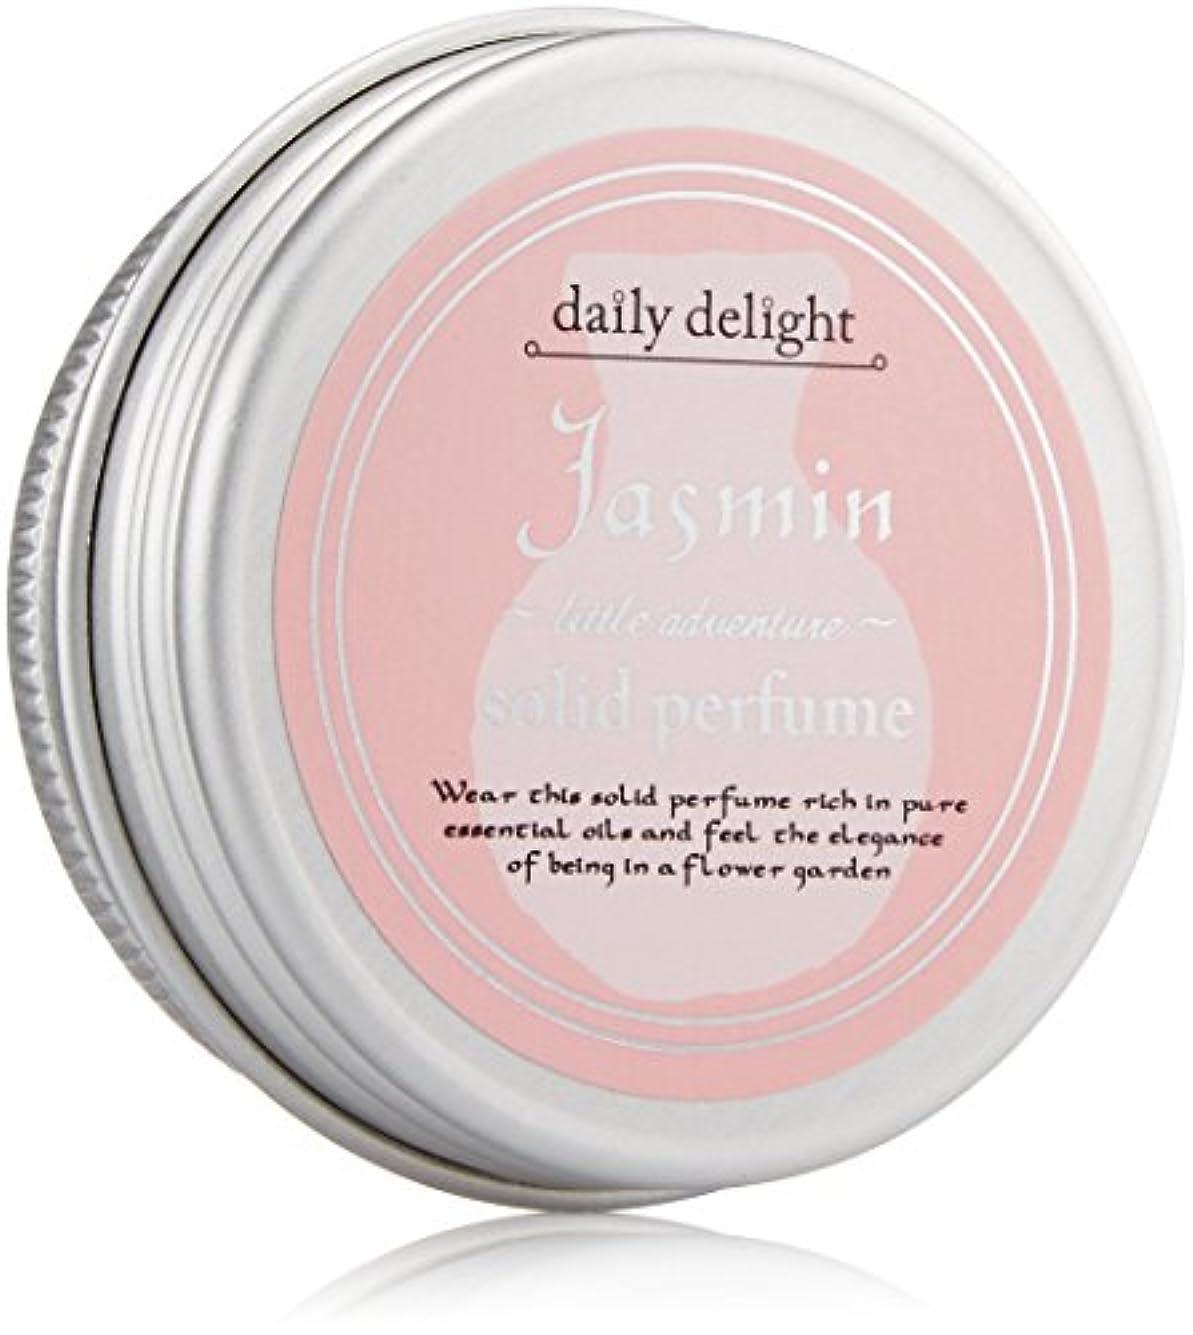 プライム丁寧テーブルを設定するデイリーディライト 練り香水 ジャスミン  10g(香水 携帯用 ソリッドパフューム アルコールフリー 奥深く魅了されるジャスミンの香り)